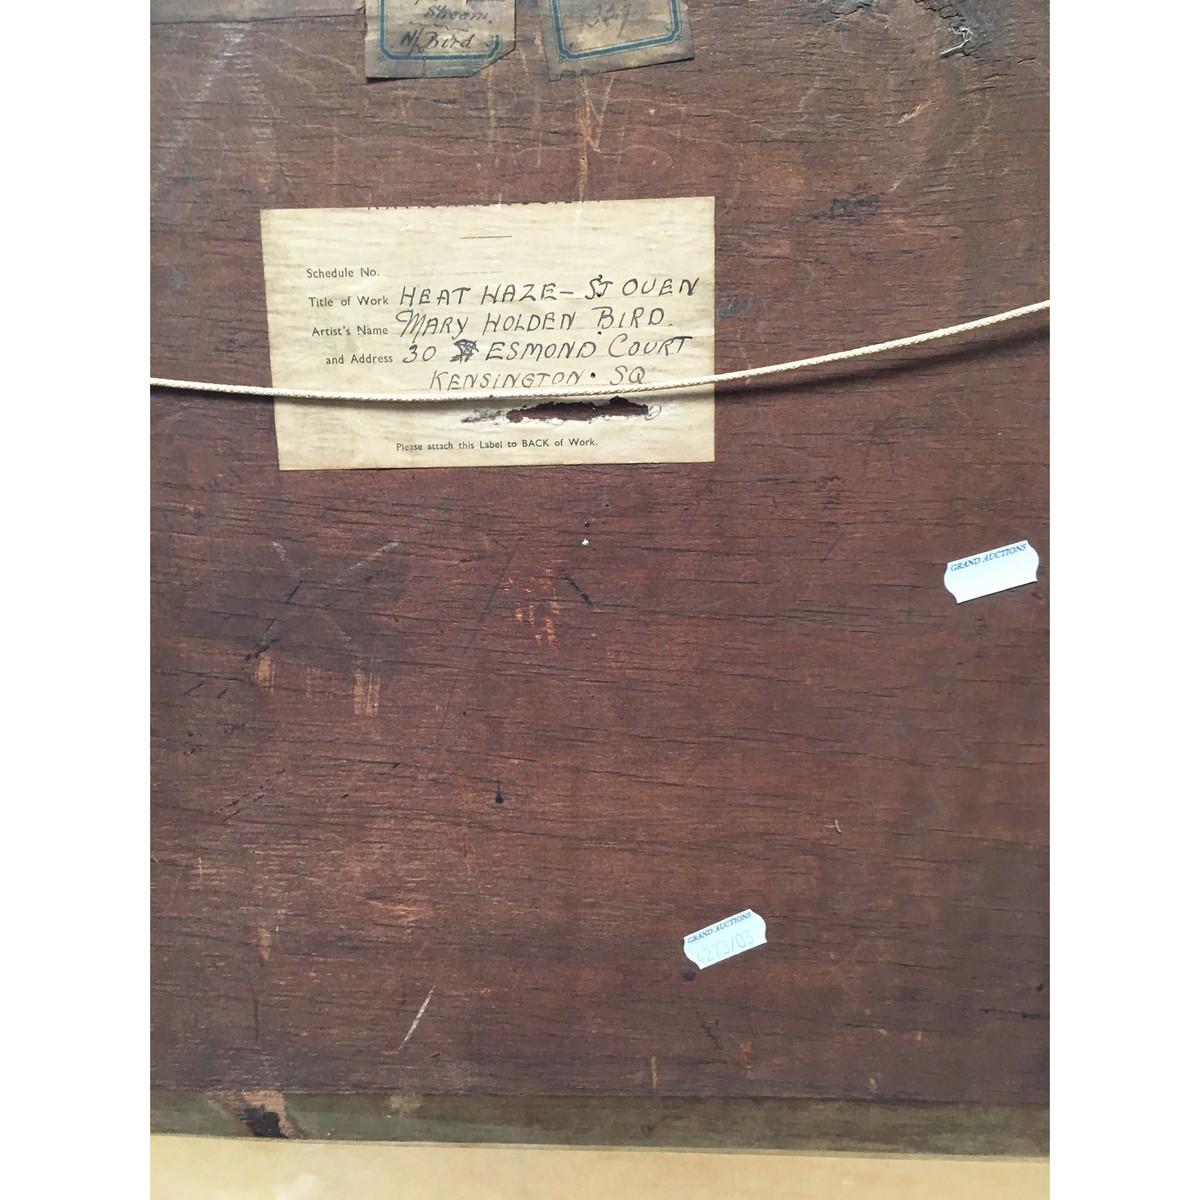 Lot 20 - Bird, Mary Holden 1900-1978 British AR, Heat Haze, St Oven.